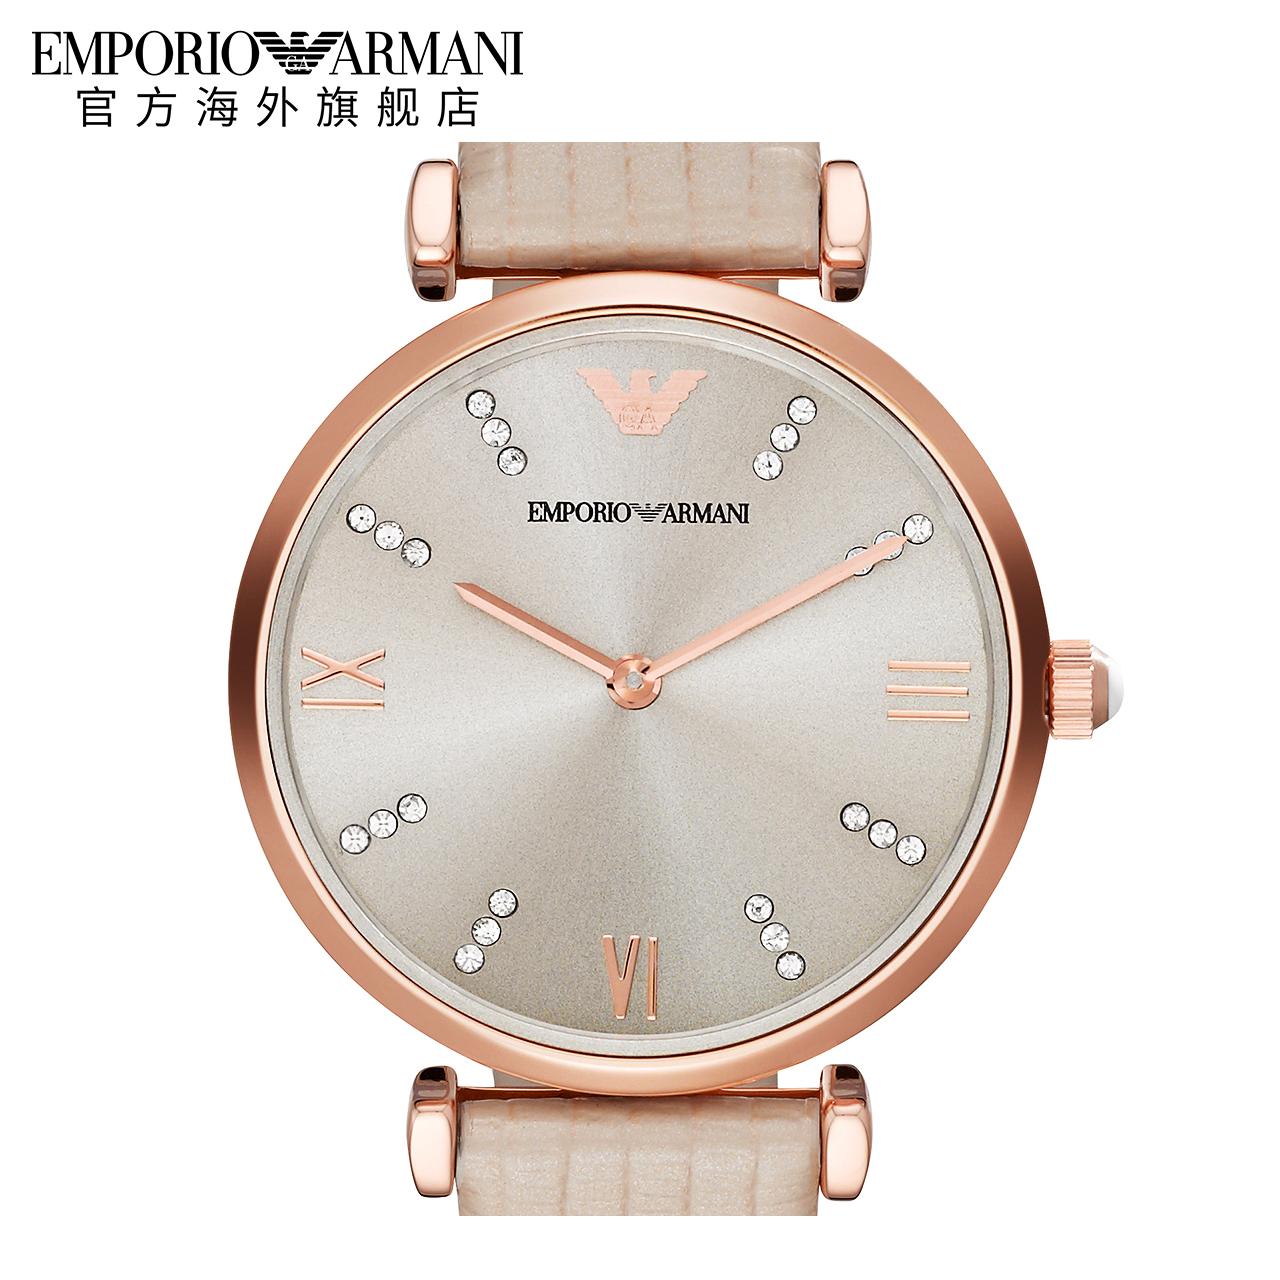 【官方】Armani阿玛尼皮带圆形水钻女表进口简约时尚石英表AR1681